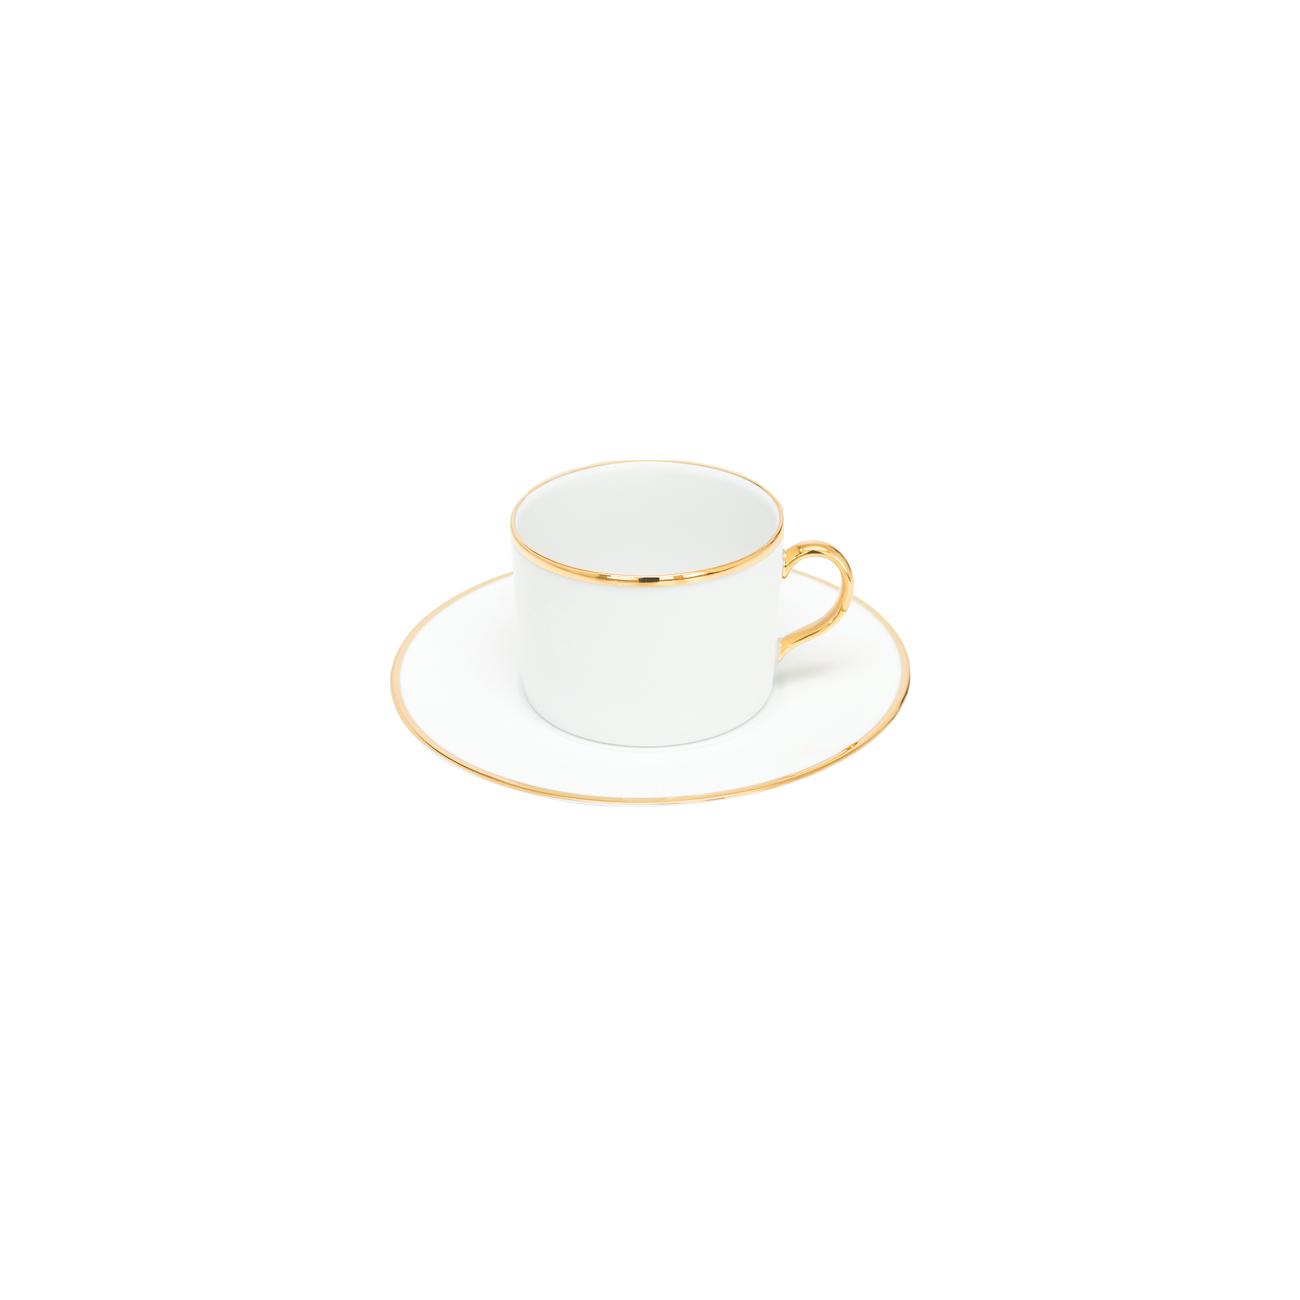 Tea Cup 23cl Bia Tea + Saucer 16cm Myth 0